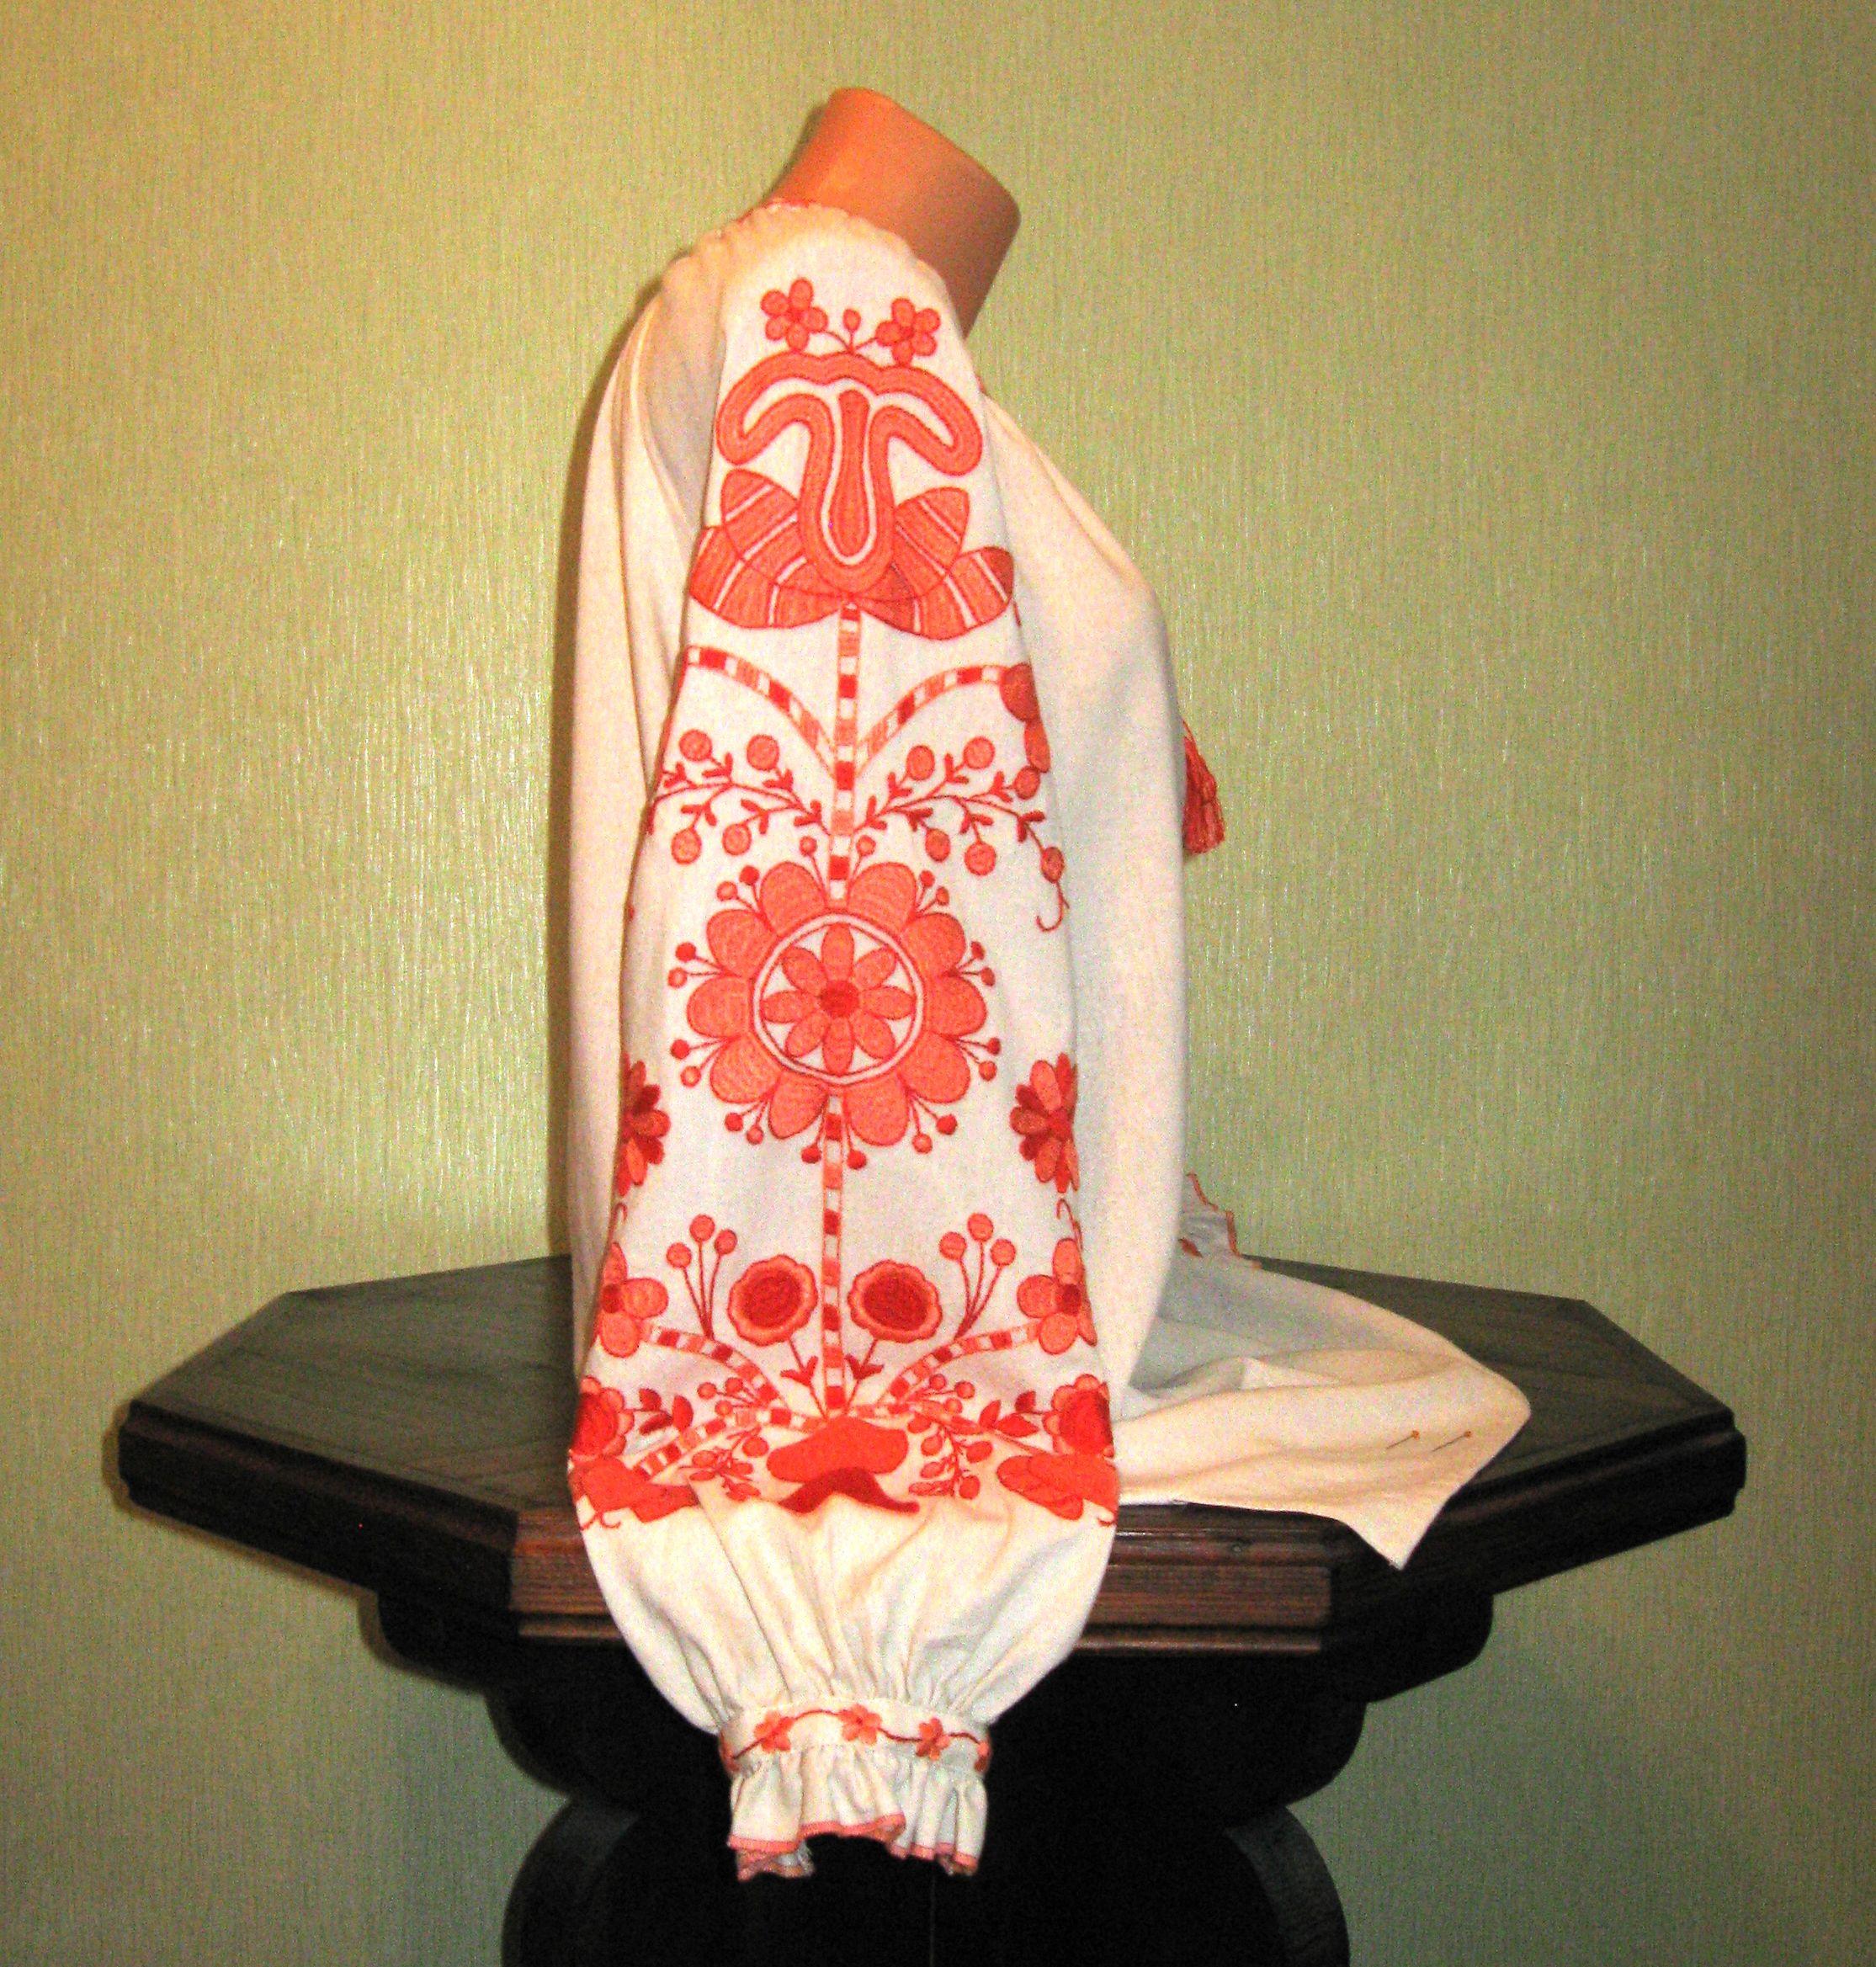 79a3196087f47c Сорочка вишита жіноча ручної роботи з орнаментом персикового кольору.  loading... Наведіть курсор, щоб збільшити